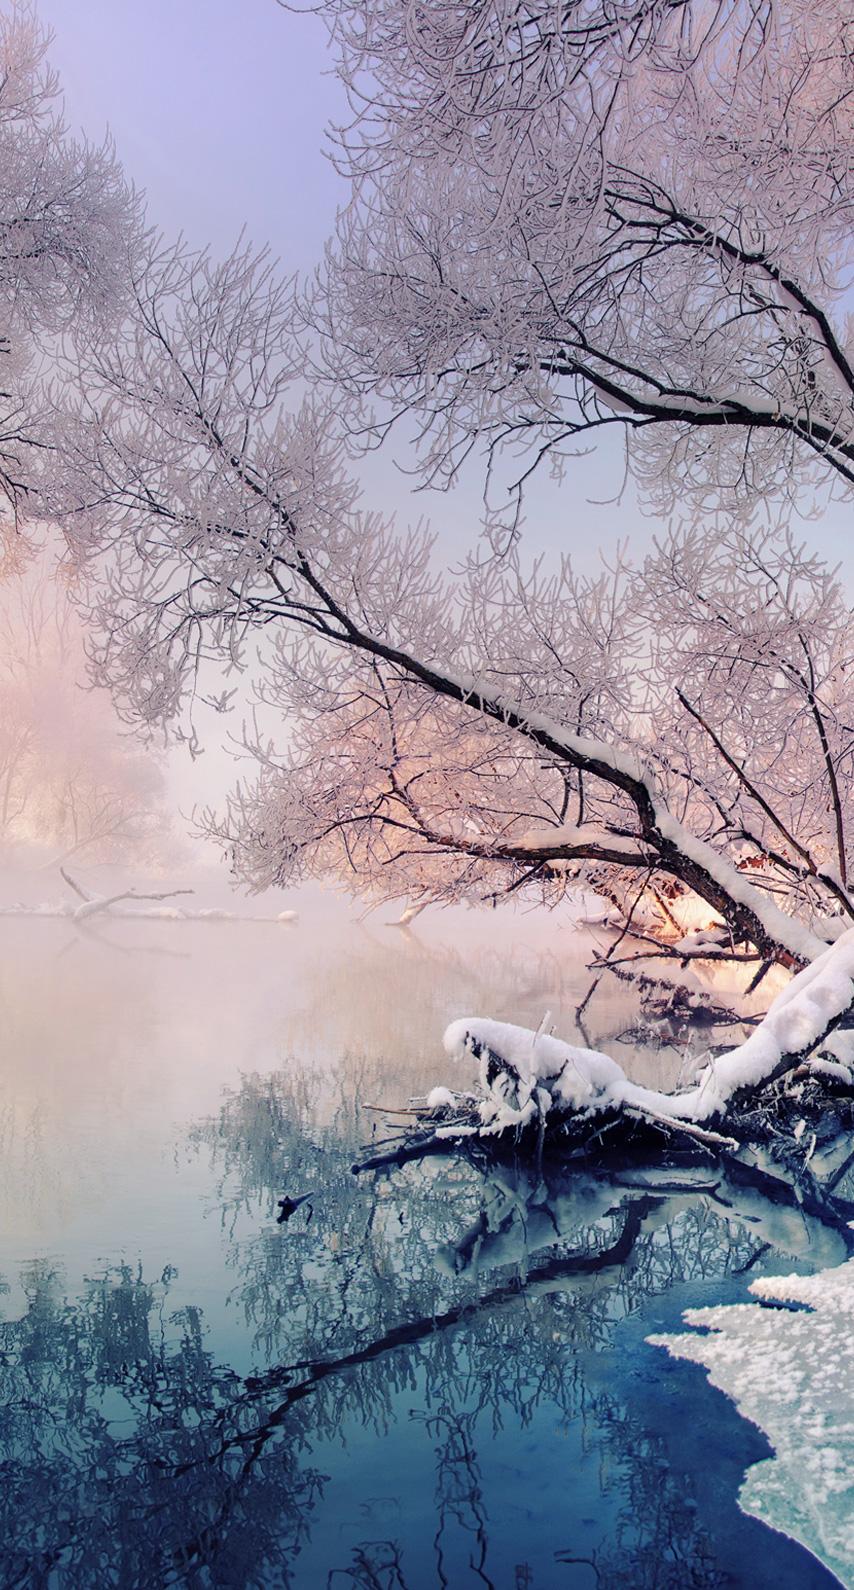 reflection, season